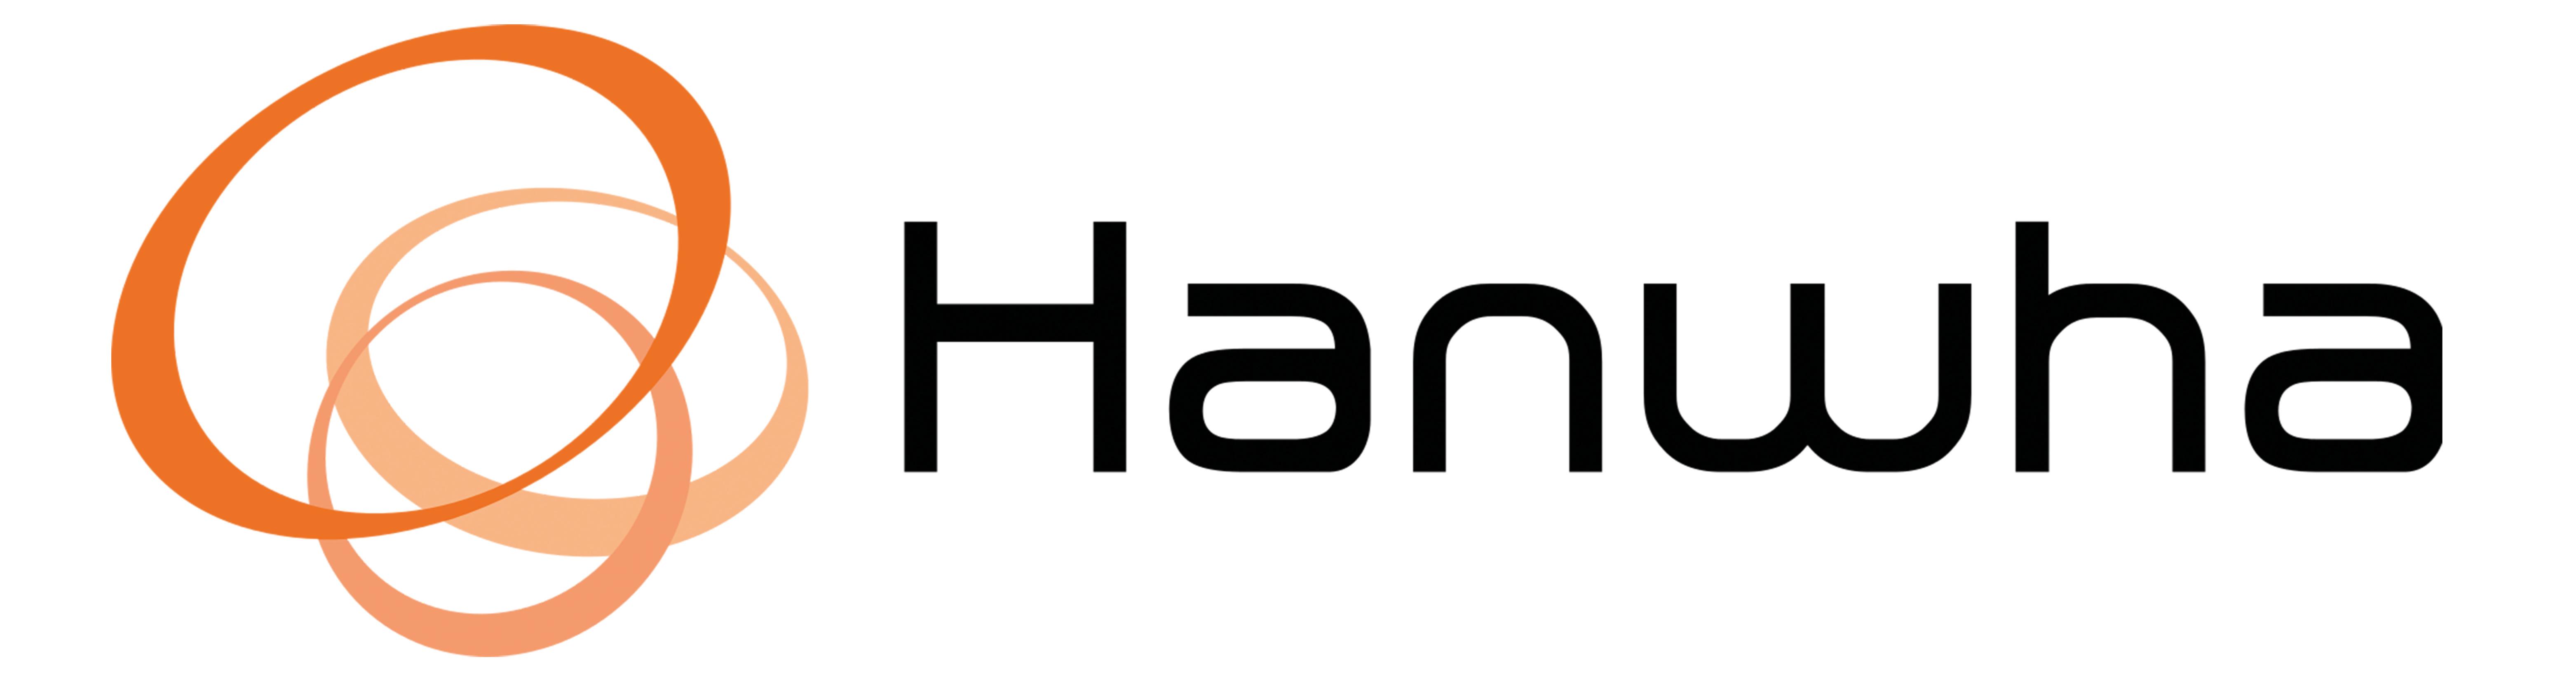 Ханвха Системс, филиал компании в Москве